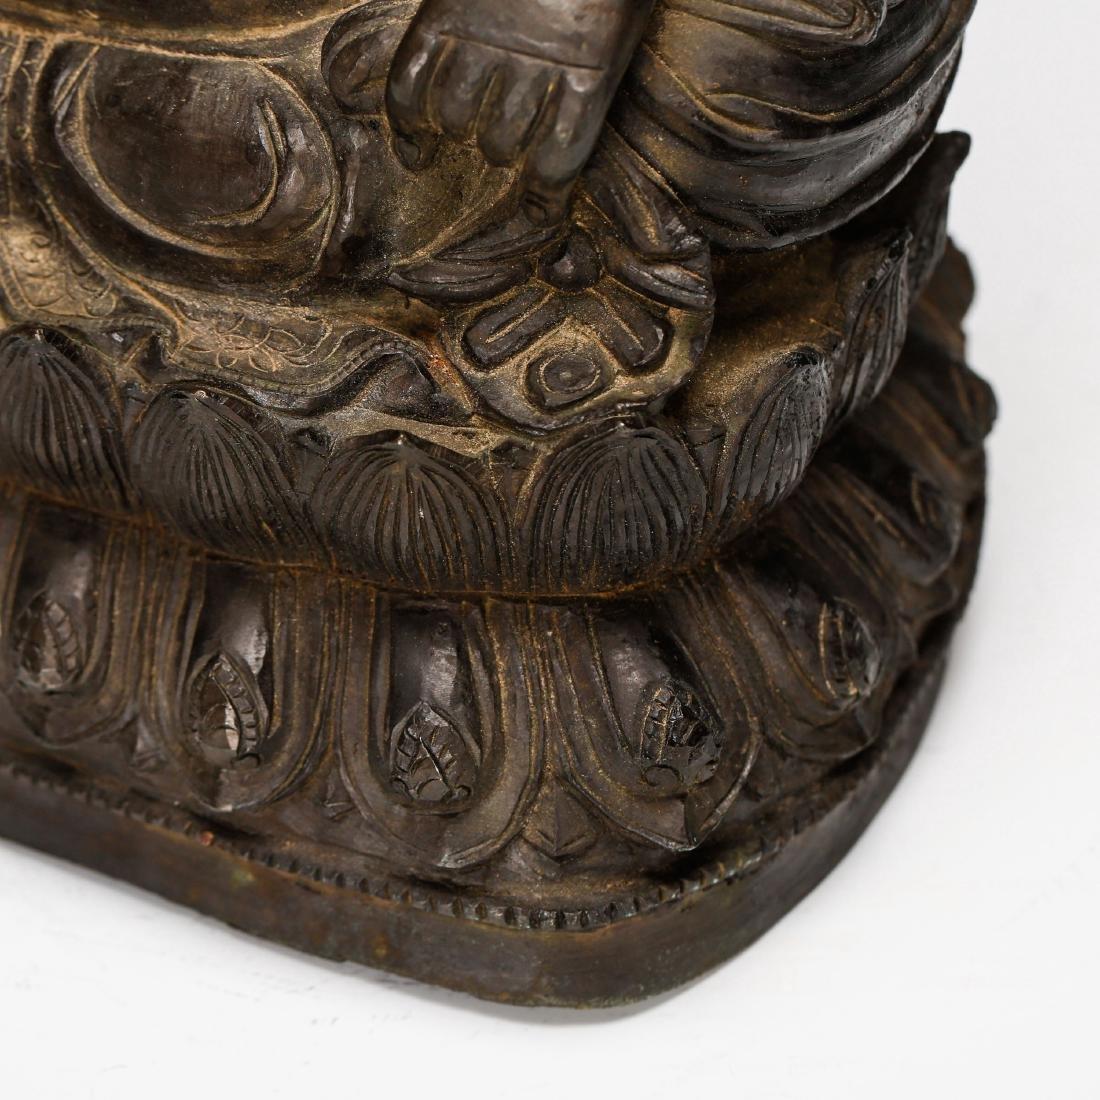 CHINESE BRONZE FIGURE OF BUDDHA - 8